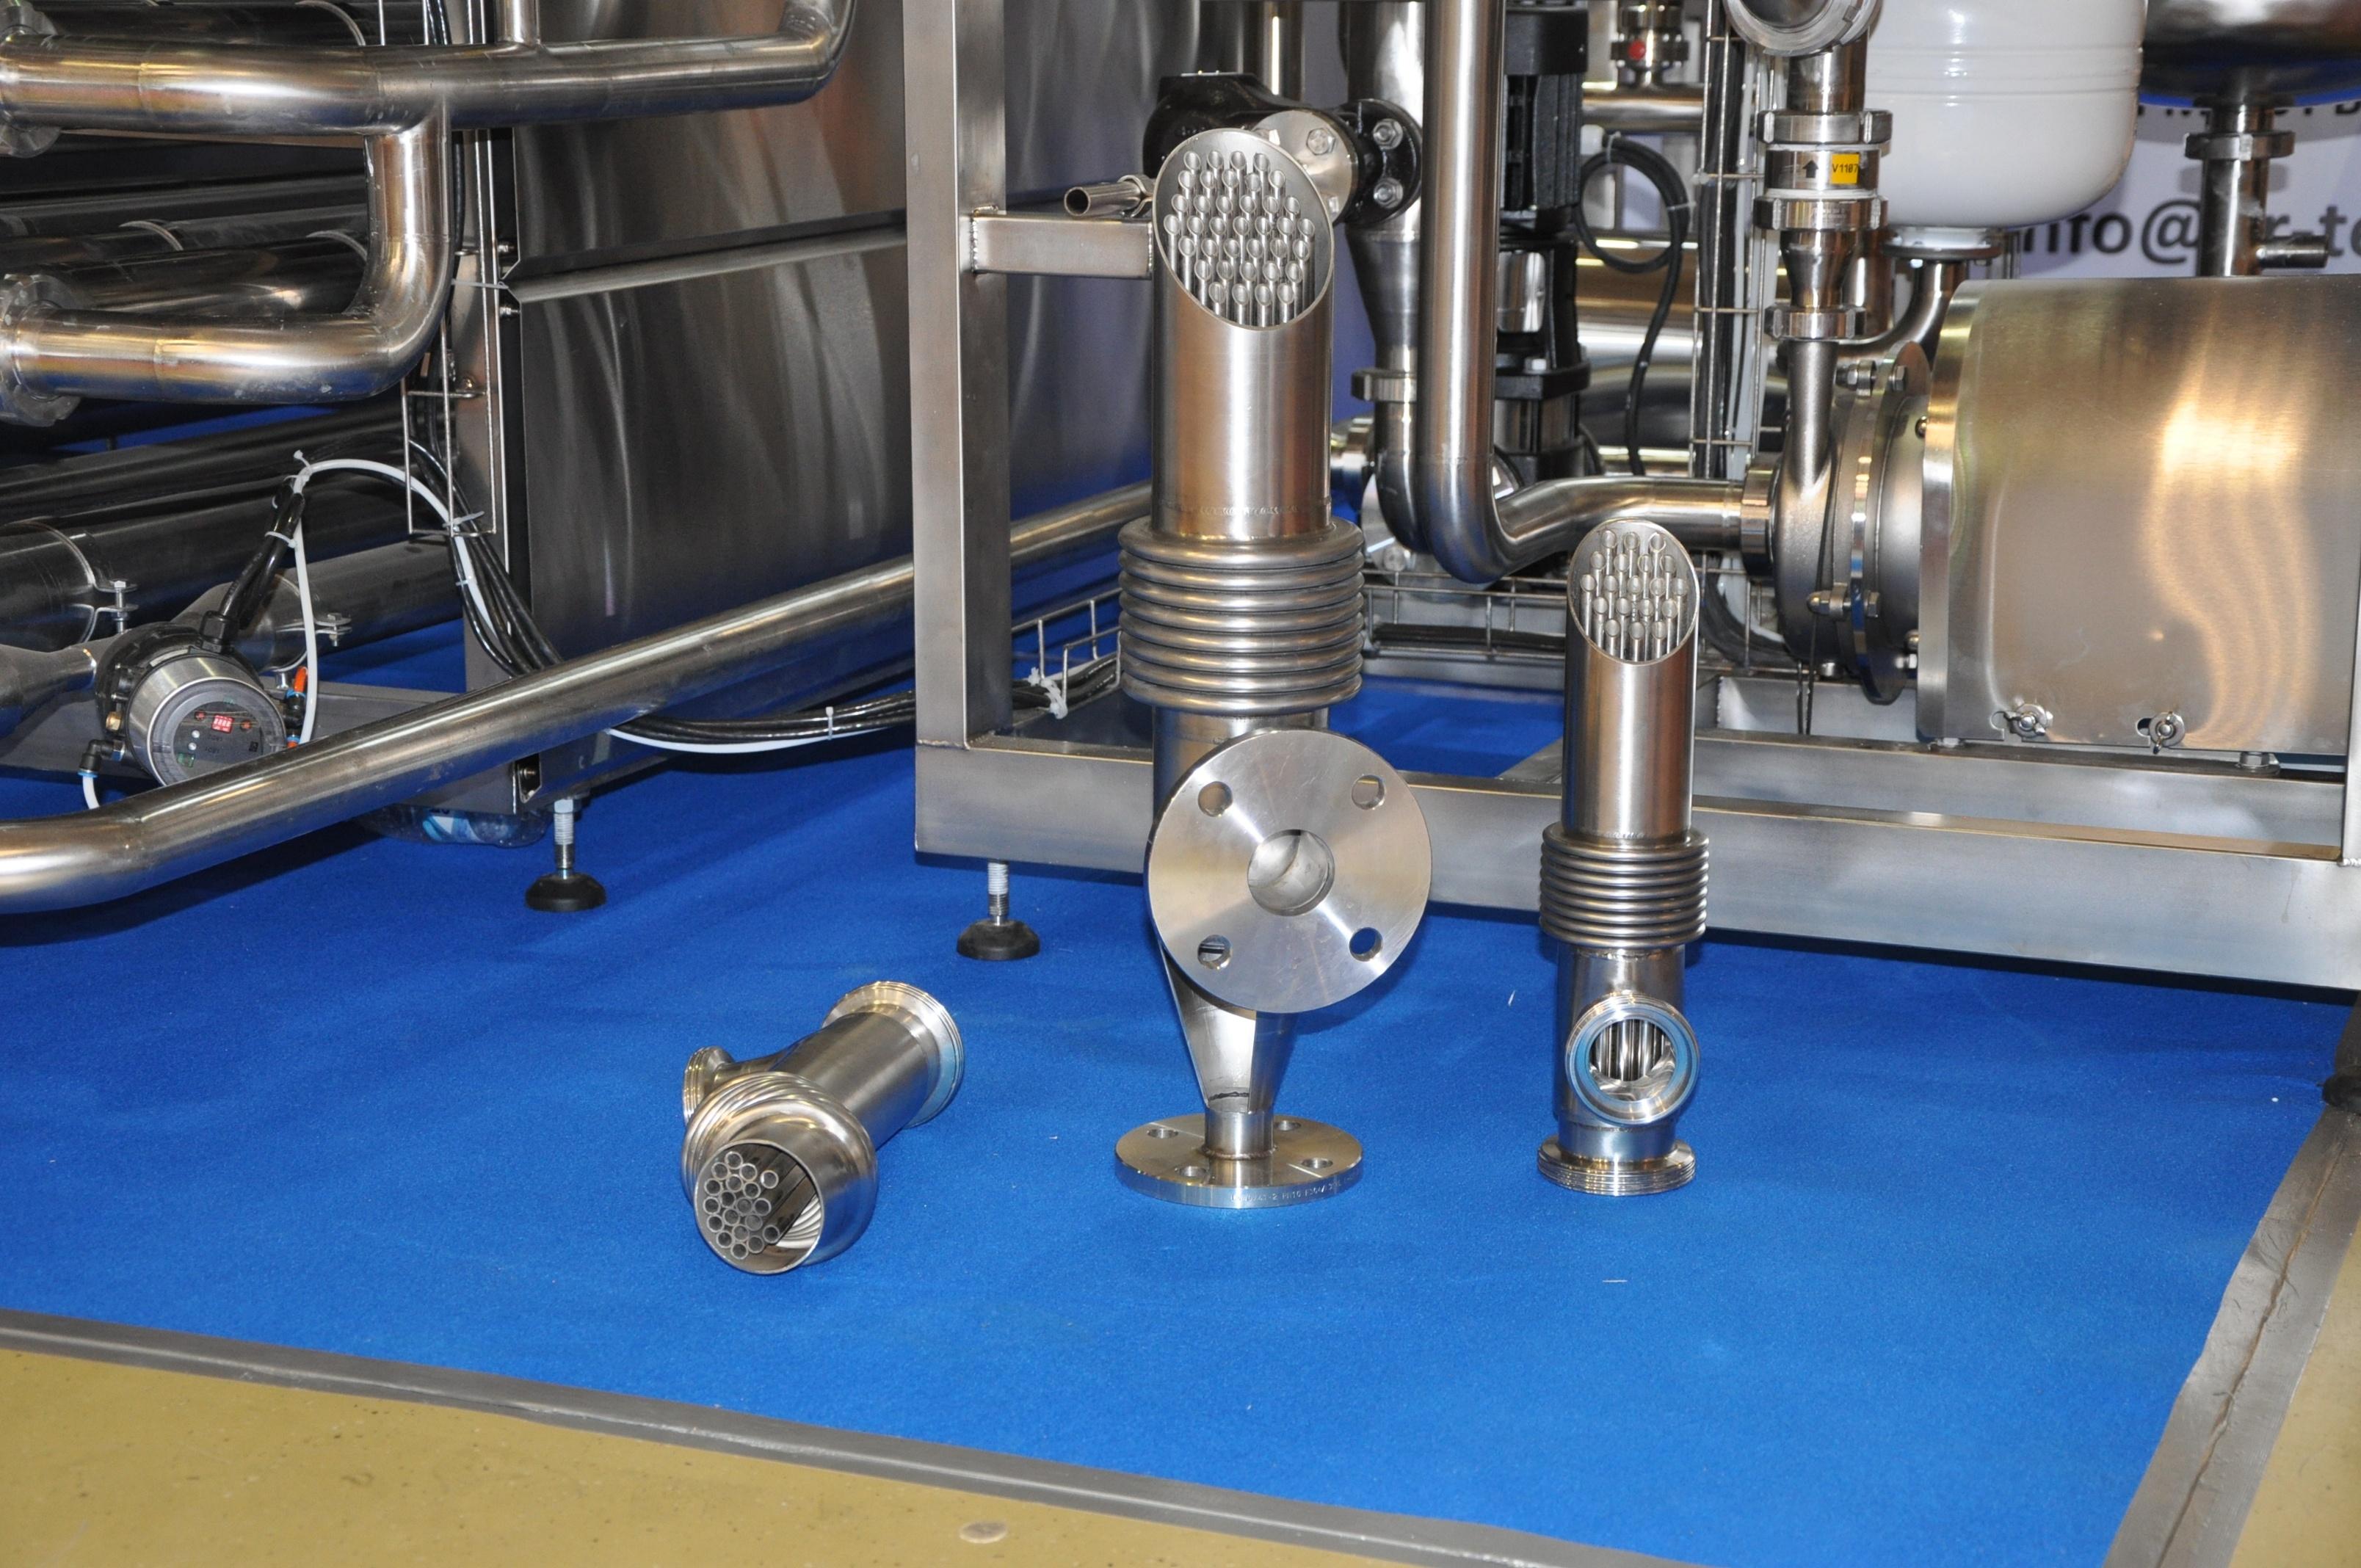 Теплообменники трубчатые обслуживание Кожухопластинчатый теплообменник испаритель Машимпэкс (GEA) с сепаратором PSHE-12 Чита